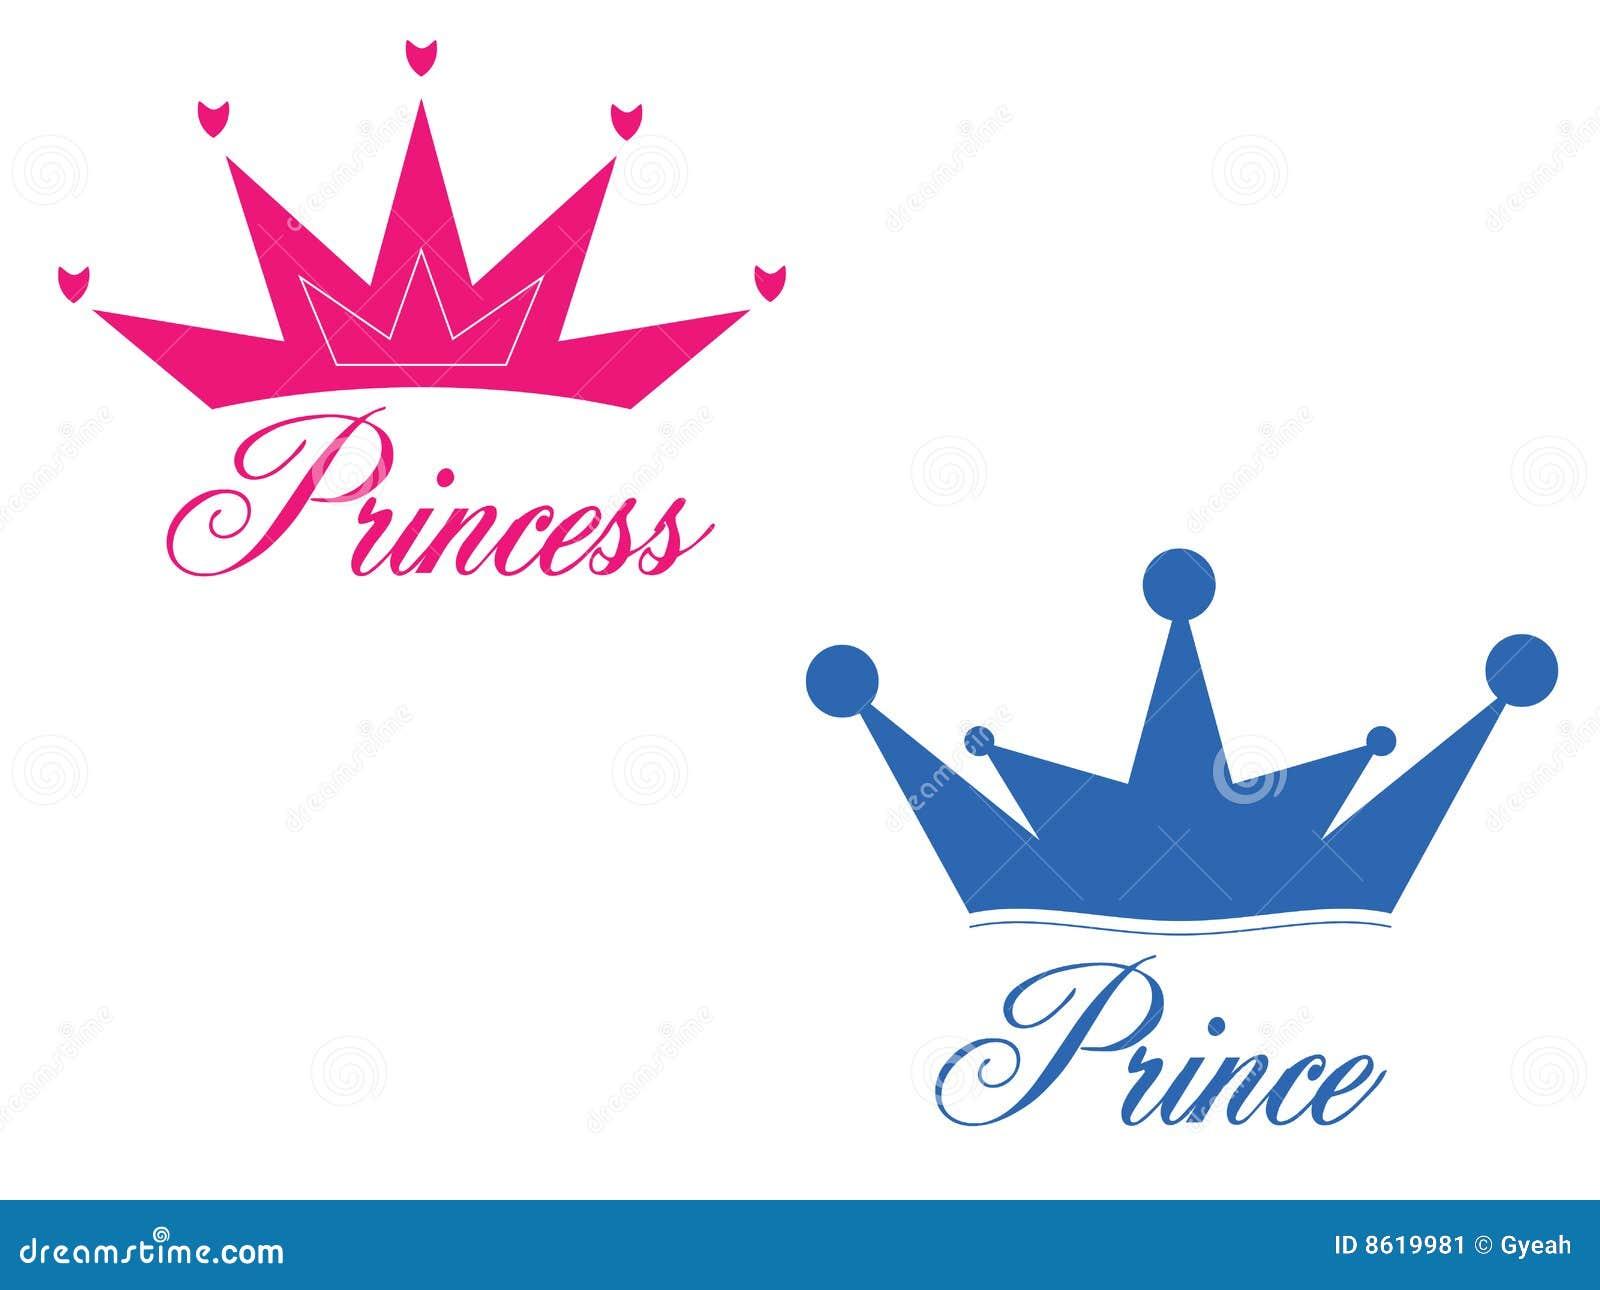 pr u00edncipe y princesa ilustraci u00f3n del vector ilustraci u00f3n de prince crown clip art free prince crown clipart images